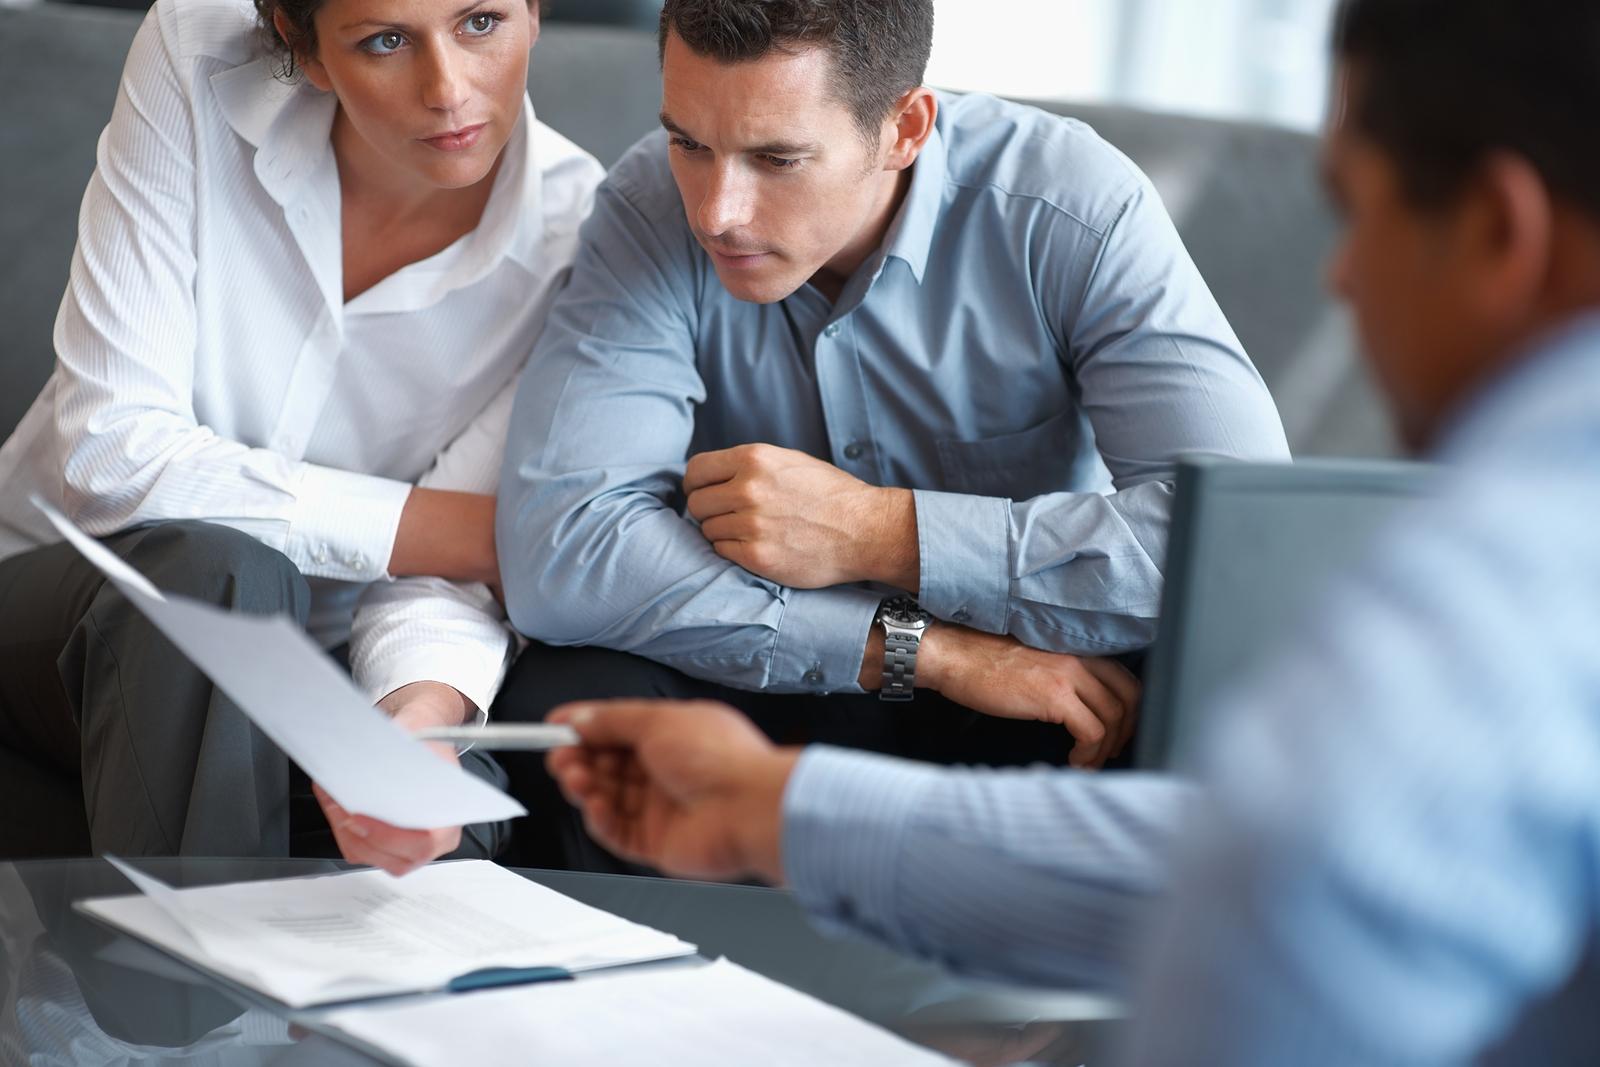 Как получить кредит для ИПпошаговая инструкция для заемщика 3 совета как снизить процентную ставку